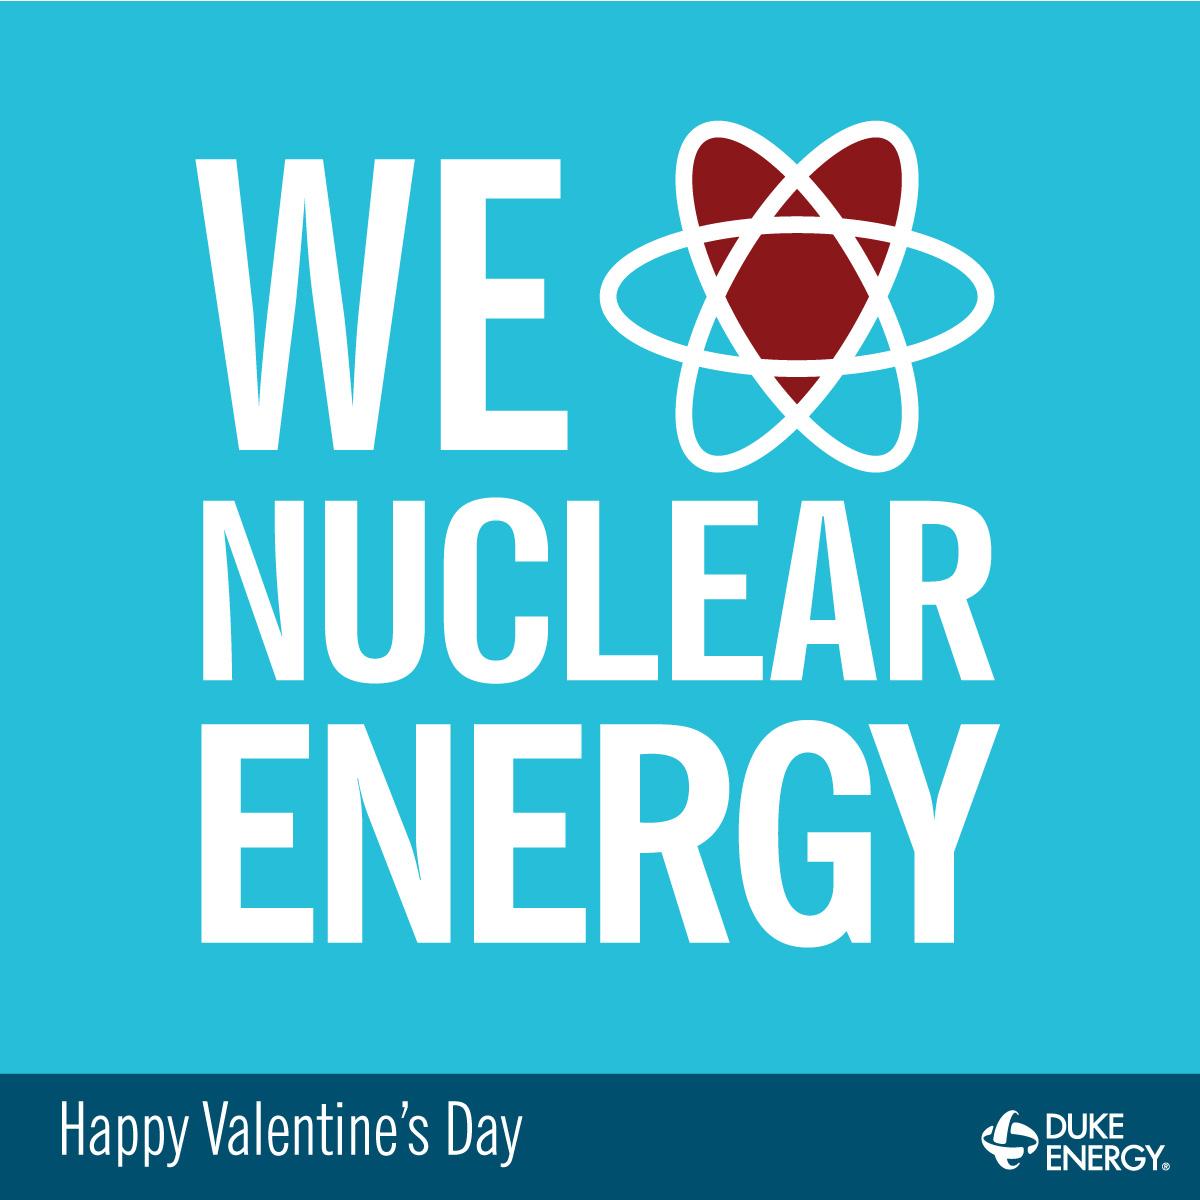 We love nuclear energy